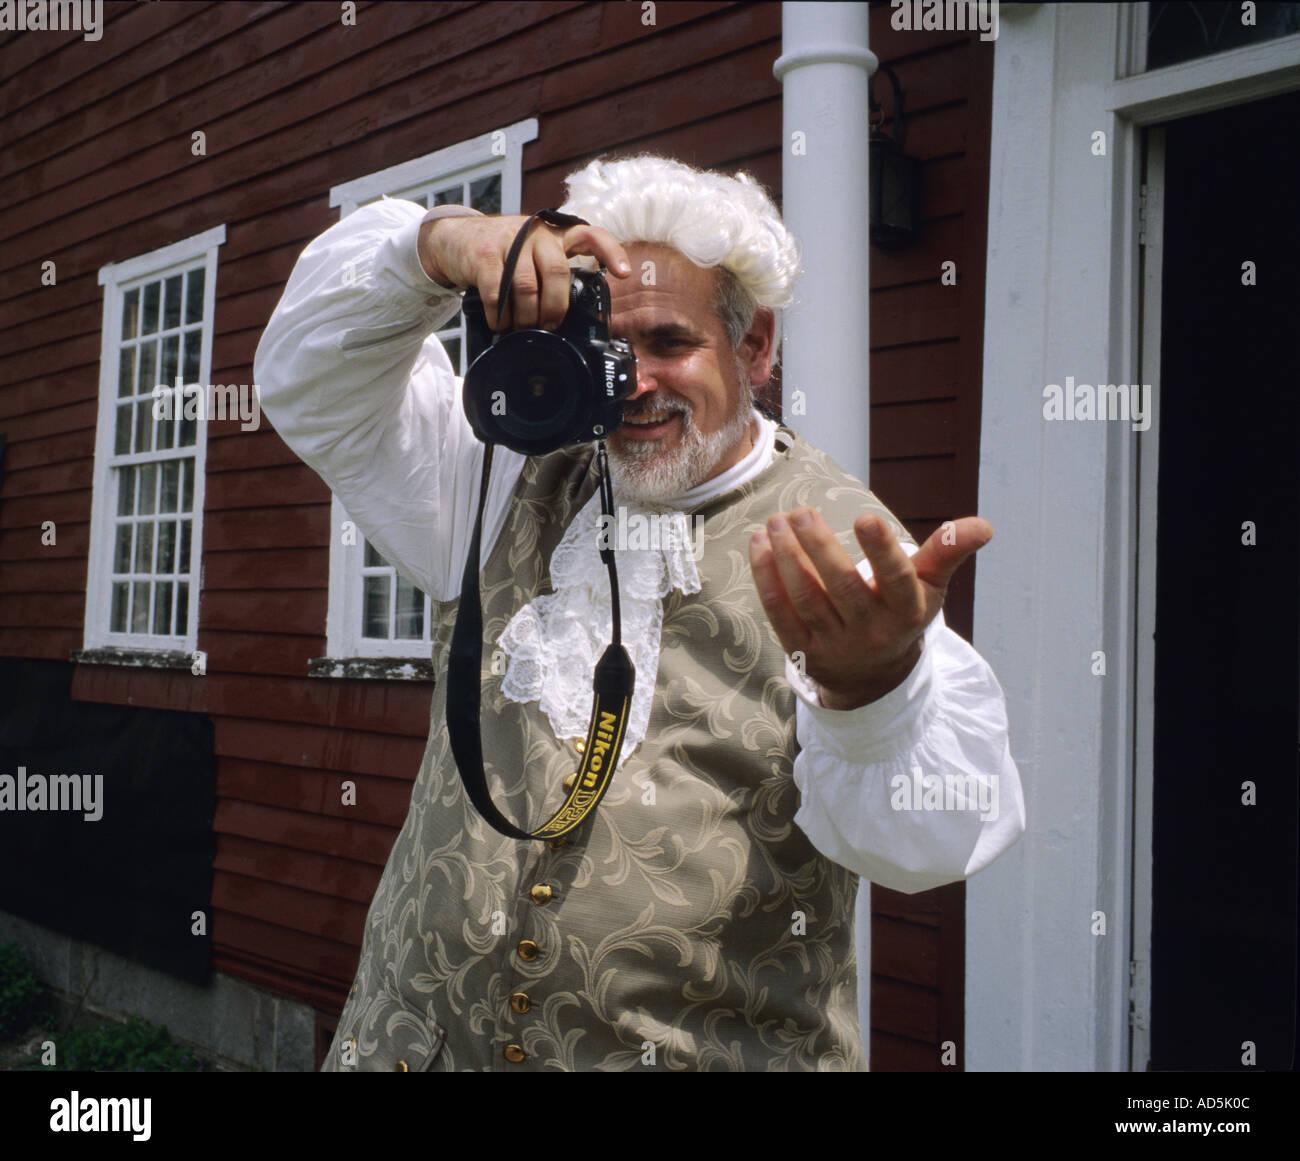 El Hombre Vestido Con Ropa De época Colonial Utilizando Una